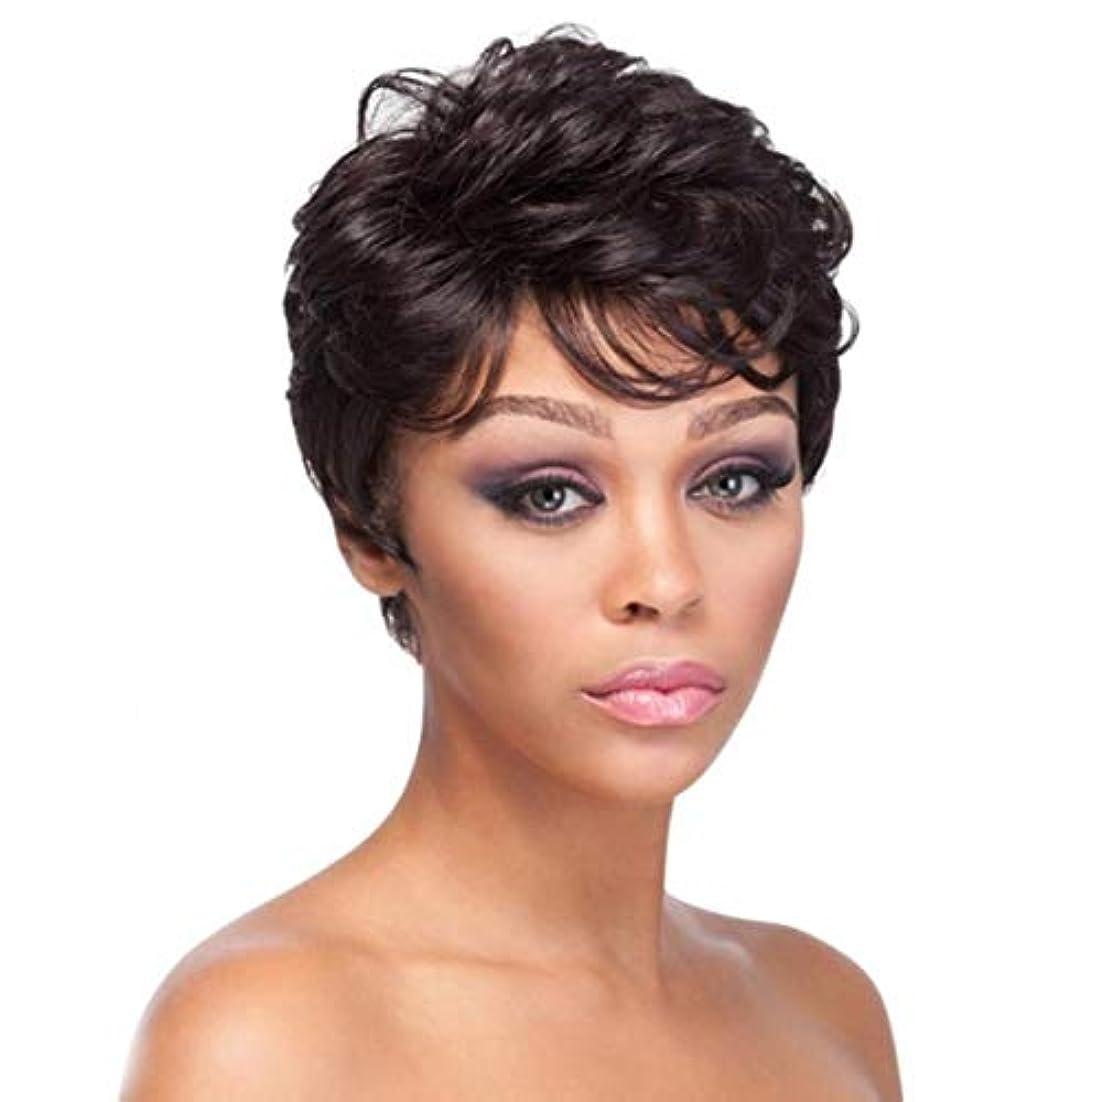 離婚悲しみ賞賛するSummerys 女性のための短い巻き毛のかつら前髪合成繊維のかつらでかつらかつら